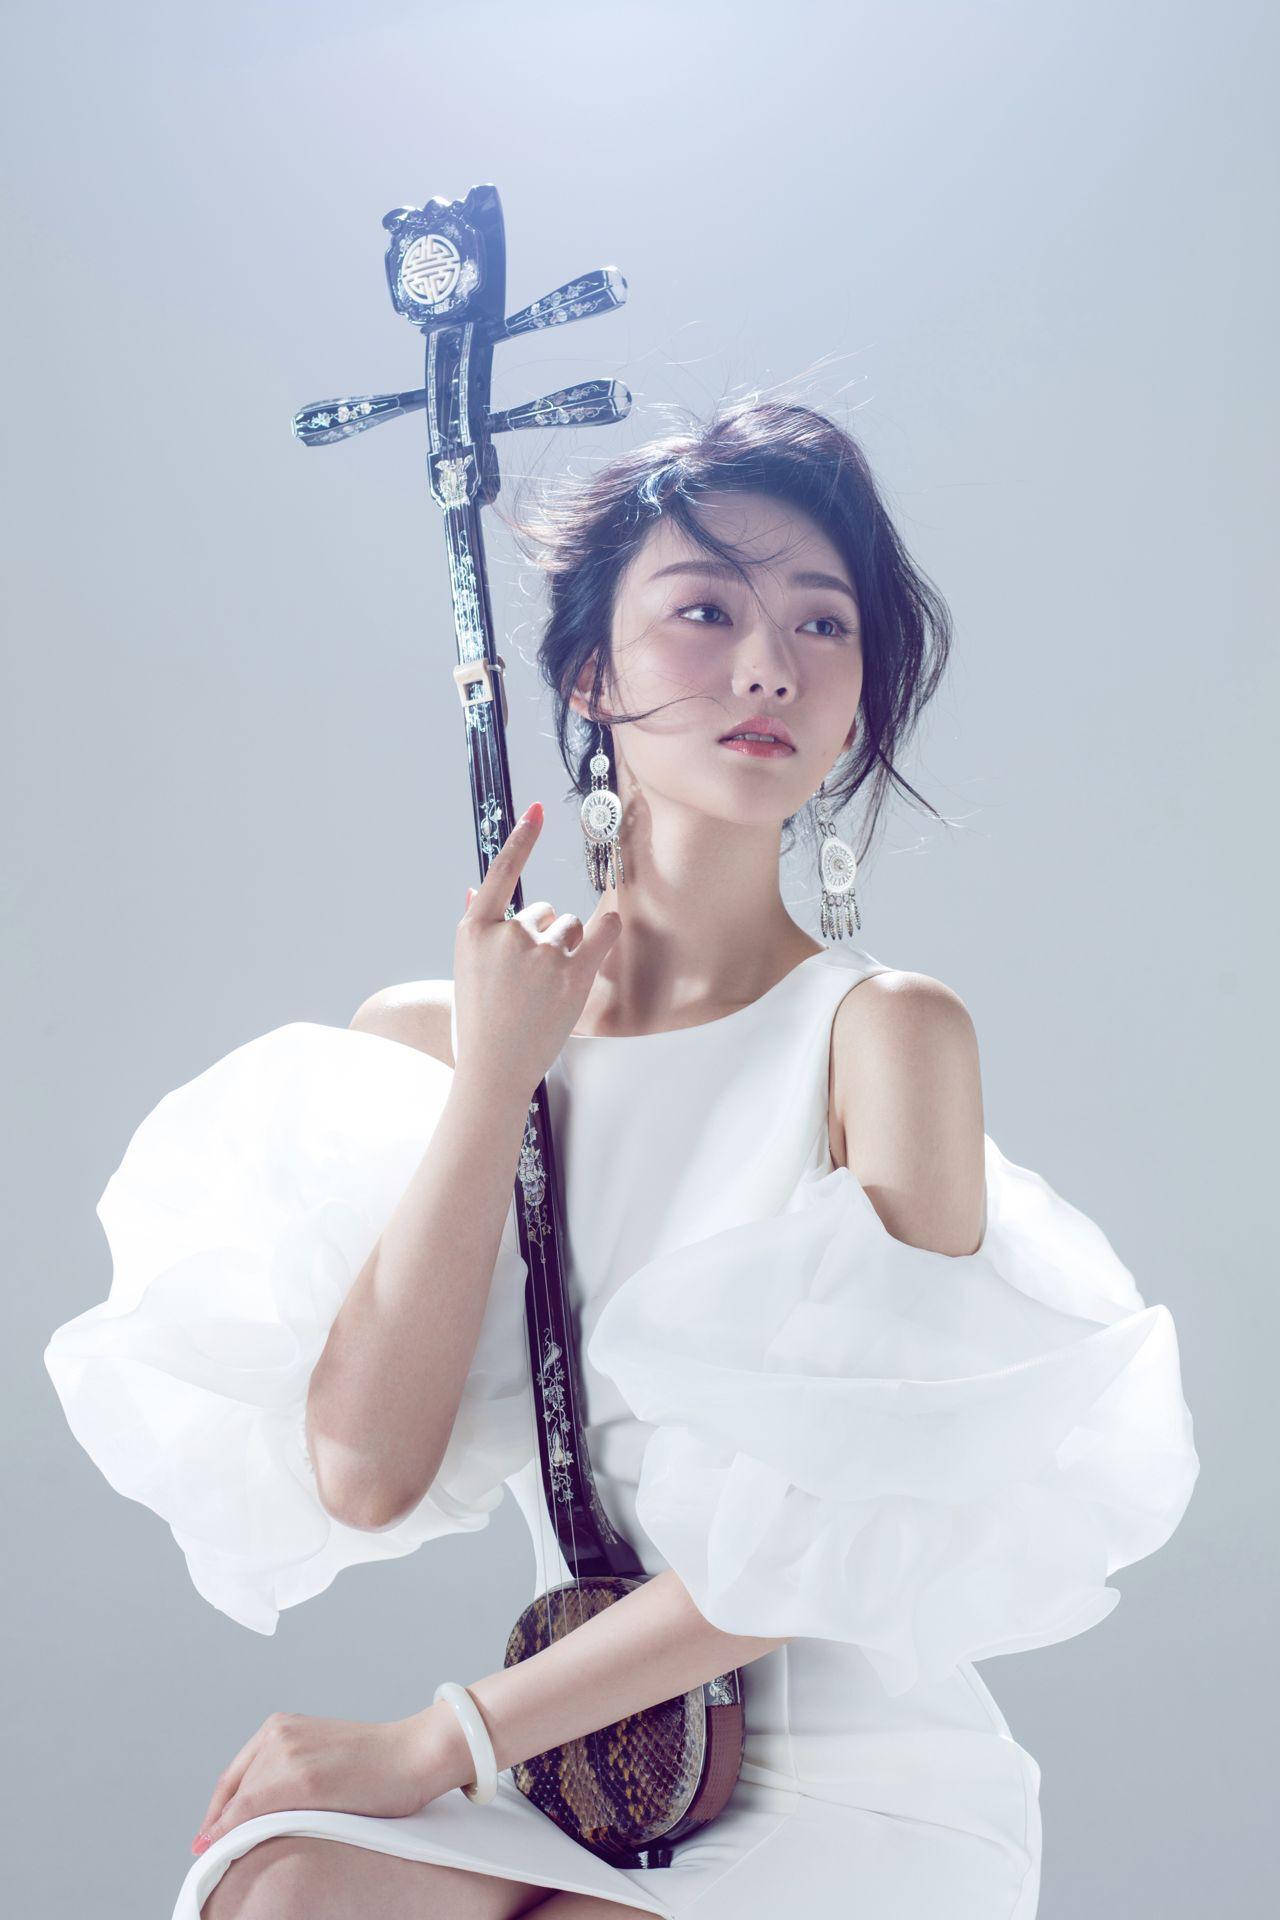 古池黑水(吴翔达)《钟琴艺声》商钟元三弦独奏音乐会 用真情演绎华美乐章